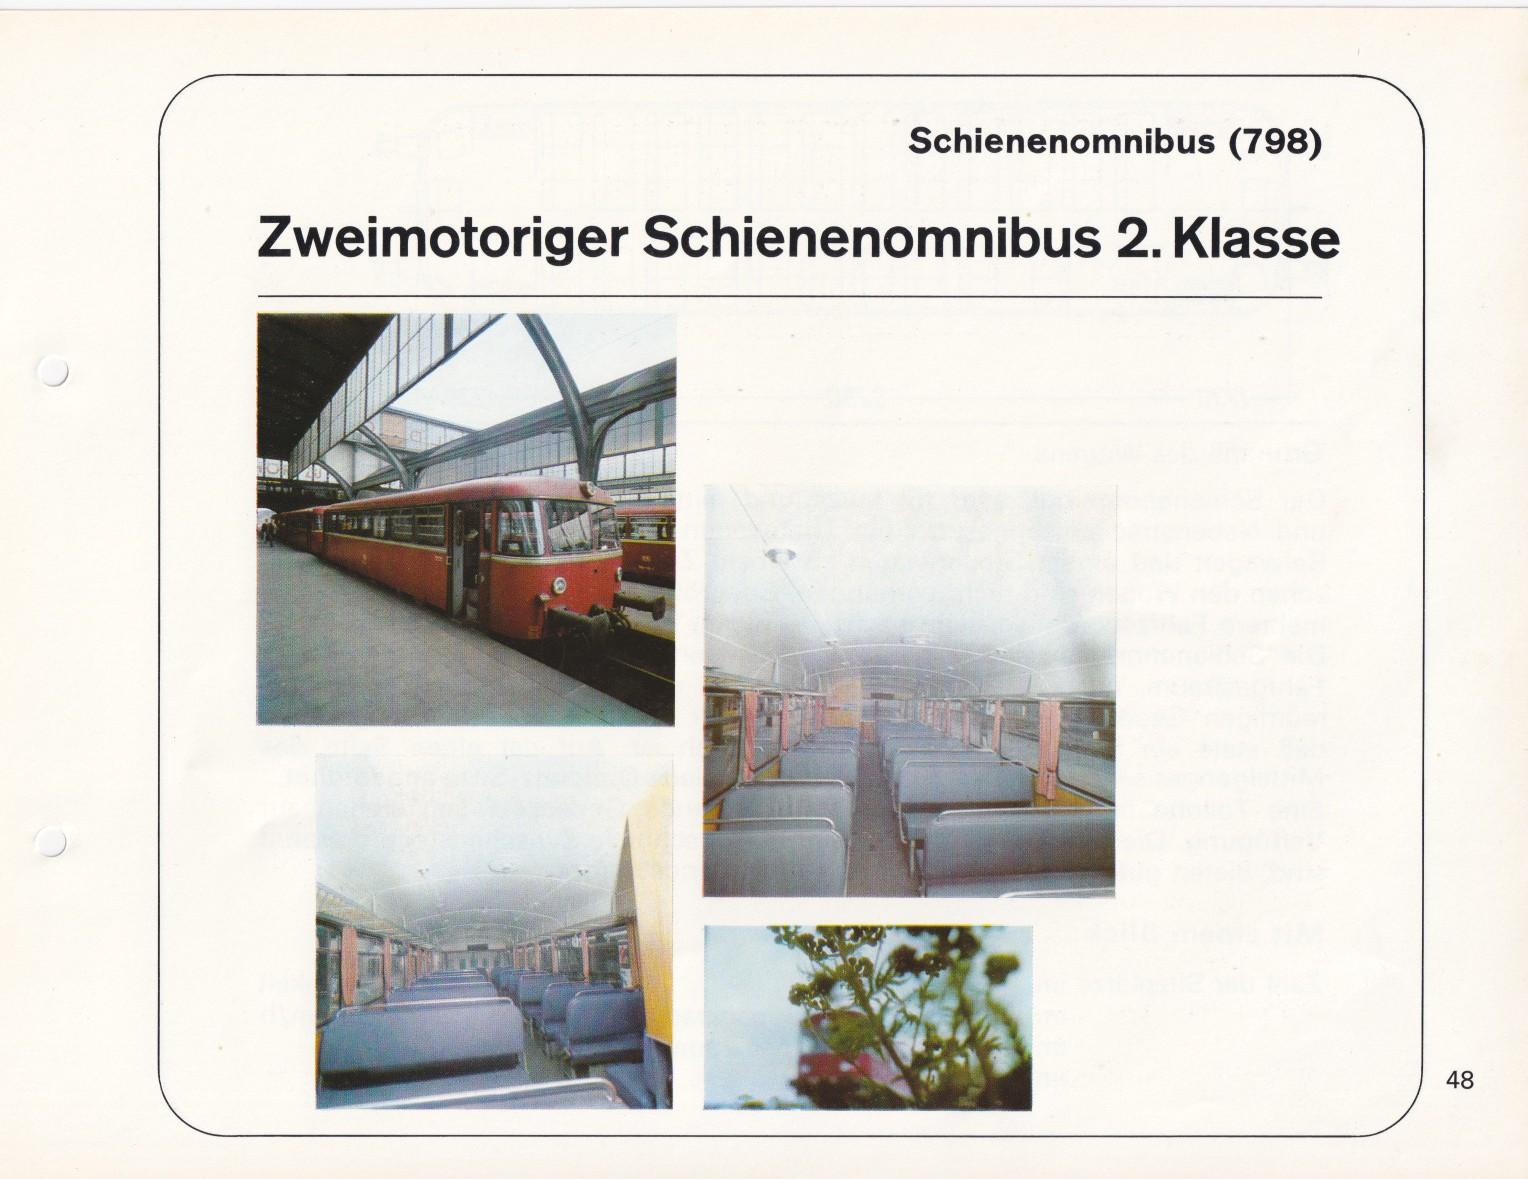 https://www.nullclub.de/hifo/Fahrzeuglexikon/Wagen48a.jpg